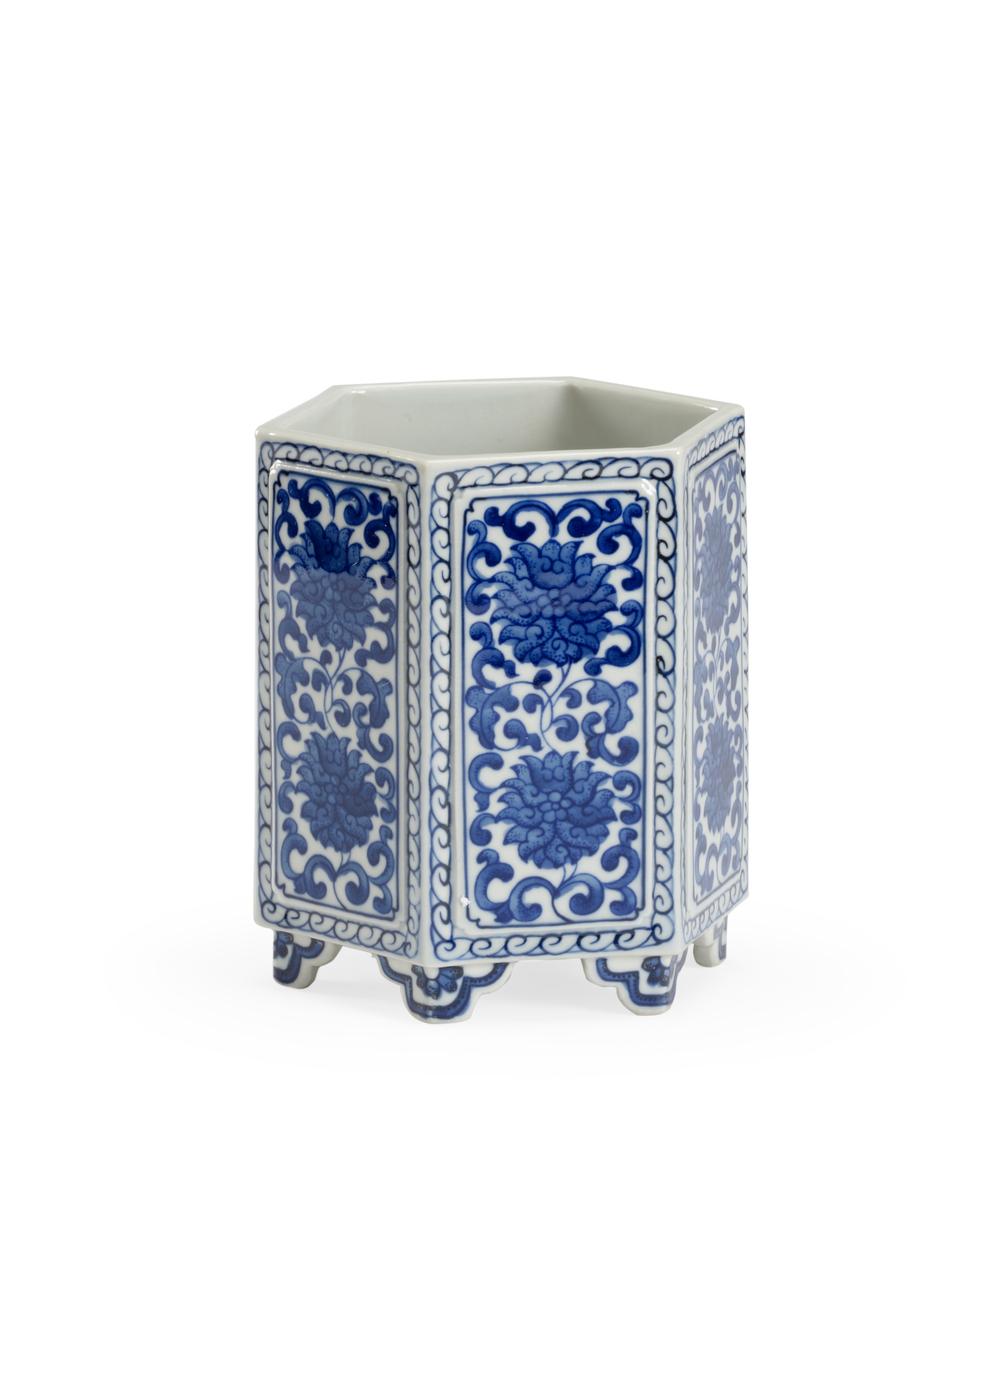 Chelsea House - Hexagonal Blue and White Vase